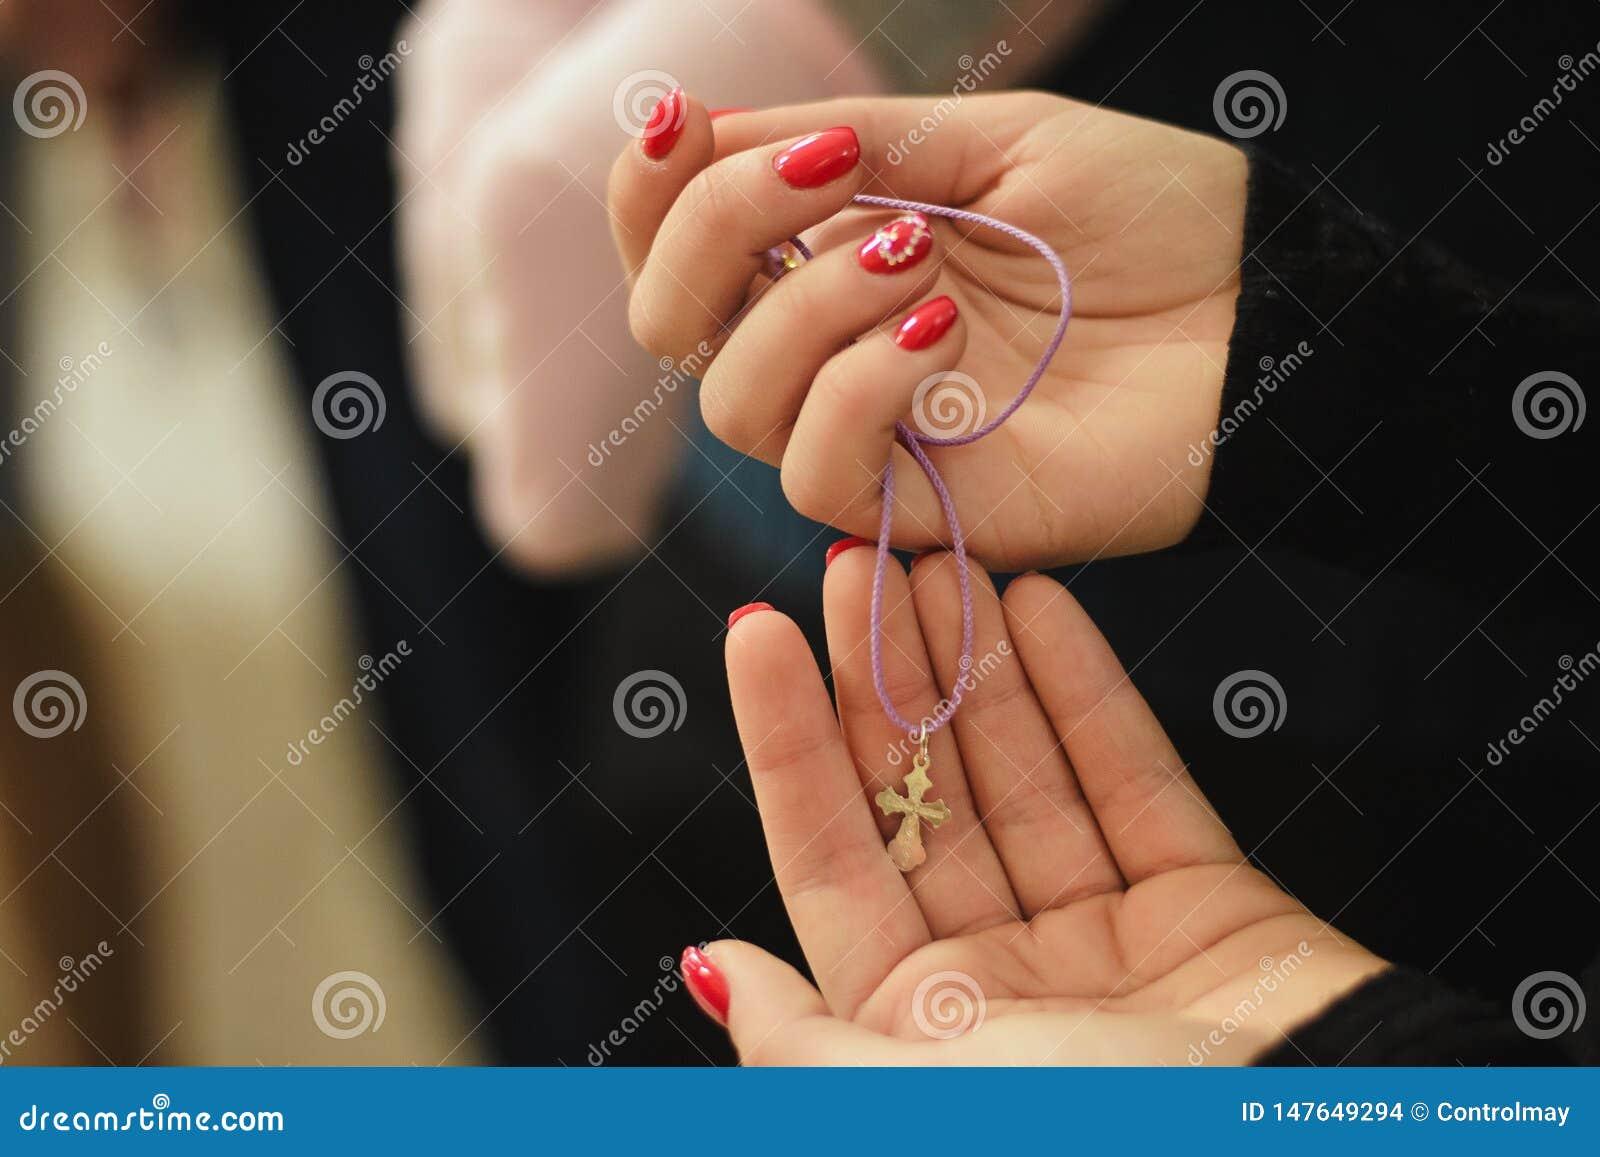 Teken van godsdienst in de handen van een meisje